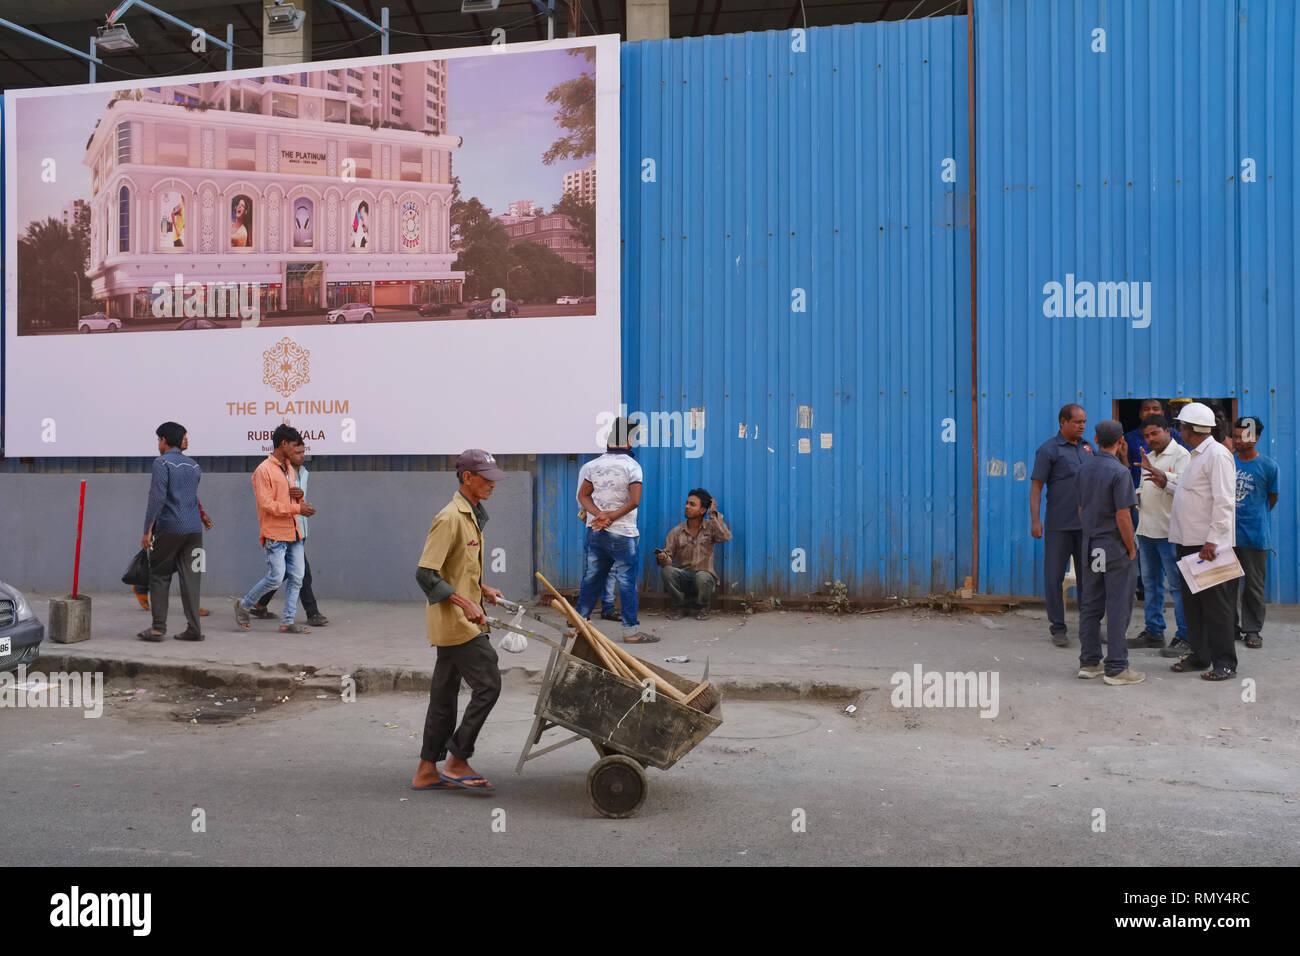 Bau eines Mehrfamilienhauses in Patthe Bapurao Marg (Falkland Rd.), Mumbai, Indien, das bis vor kurzem für seine billigen Bordelle bekannt Stockbild